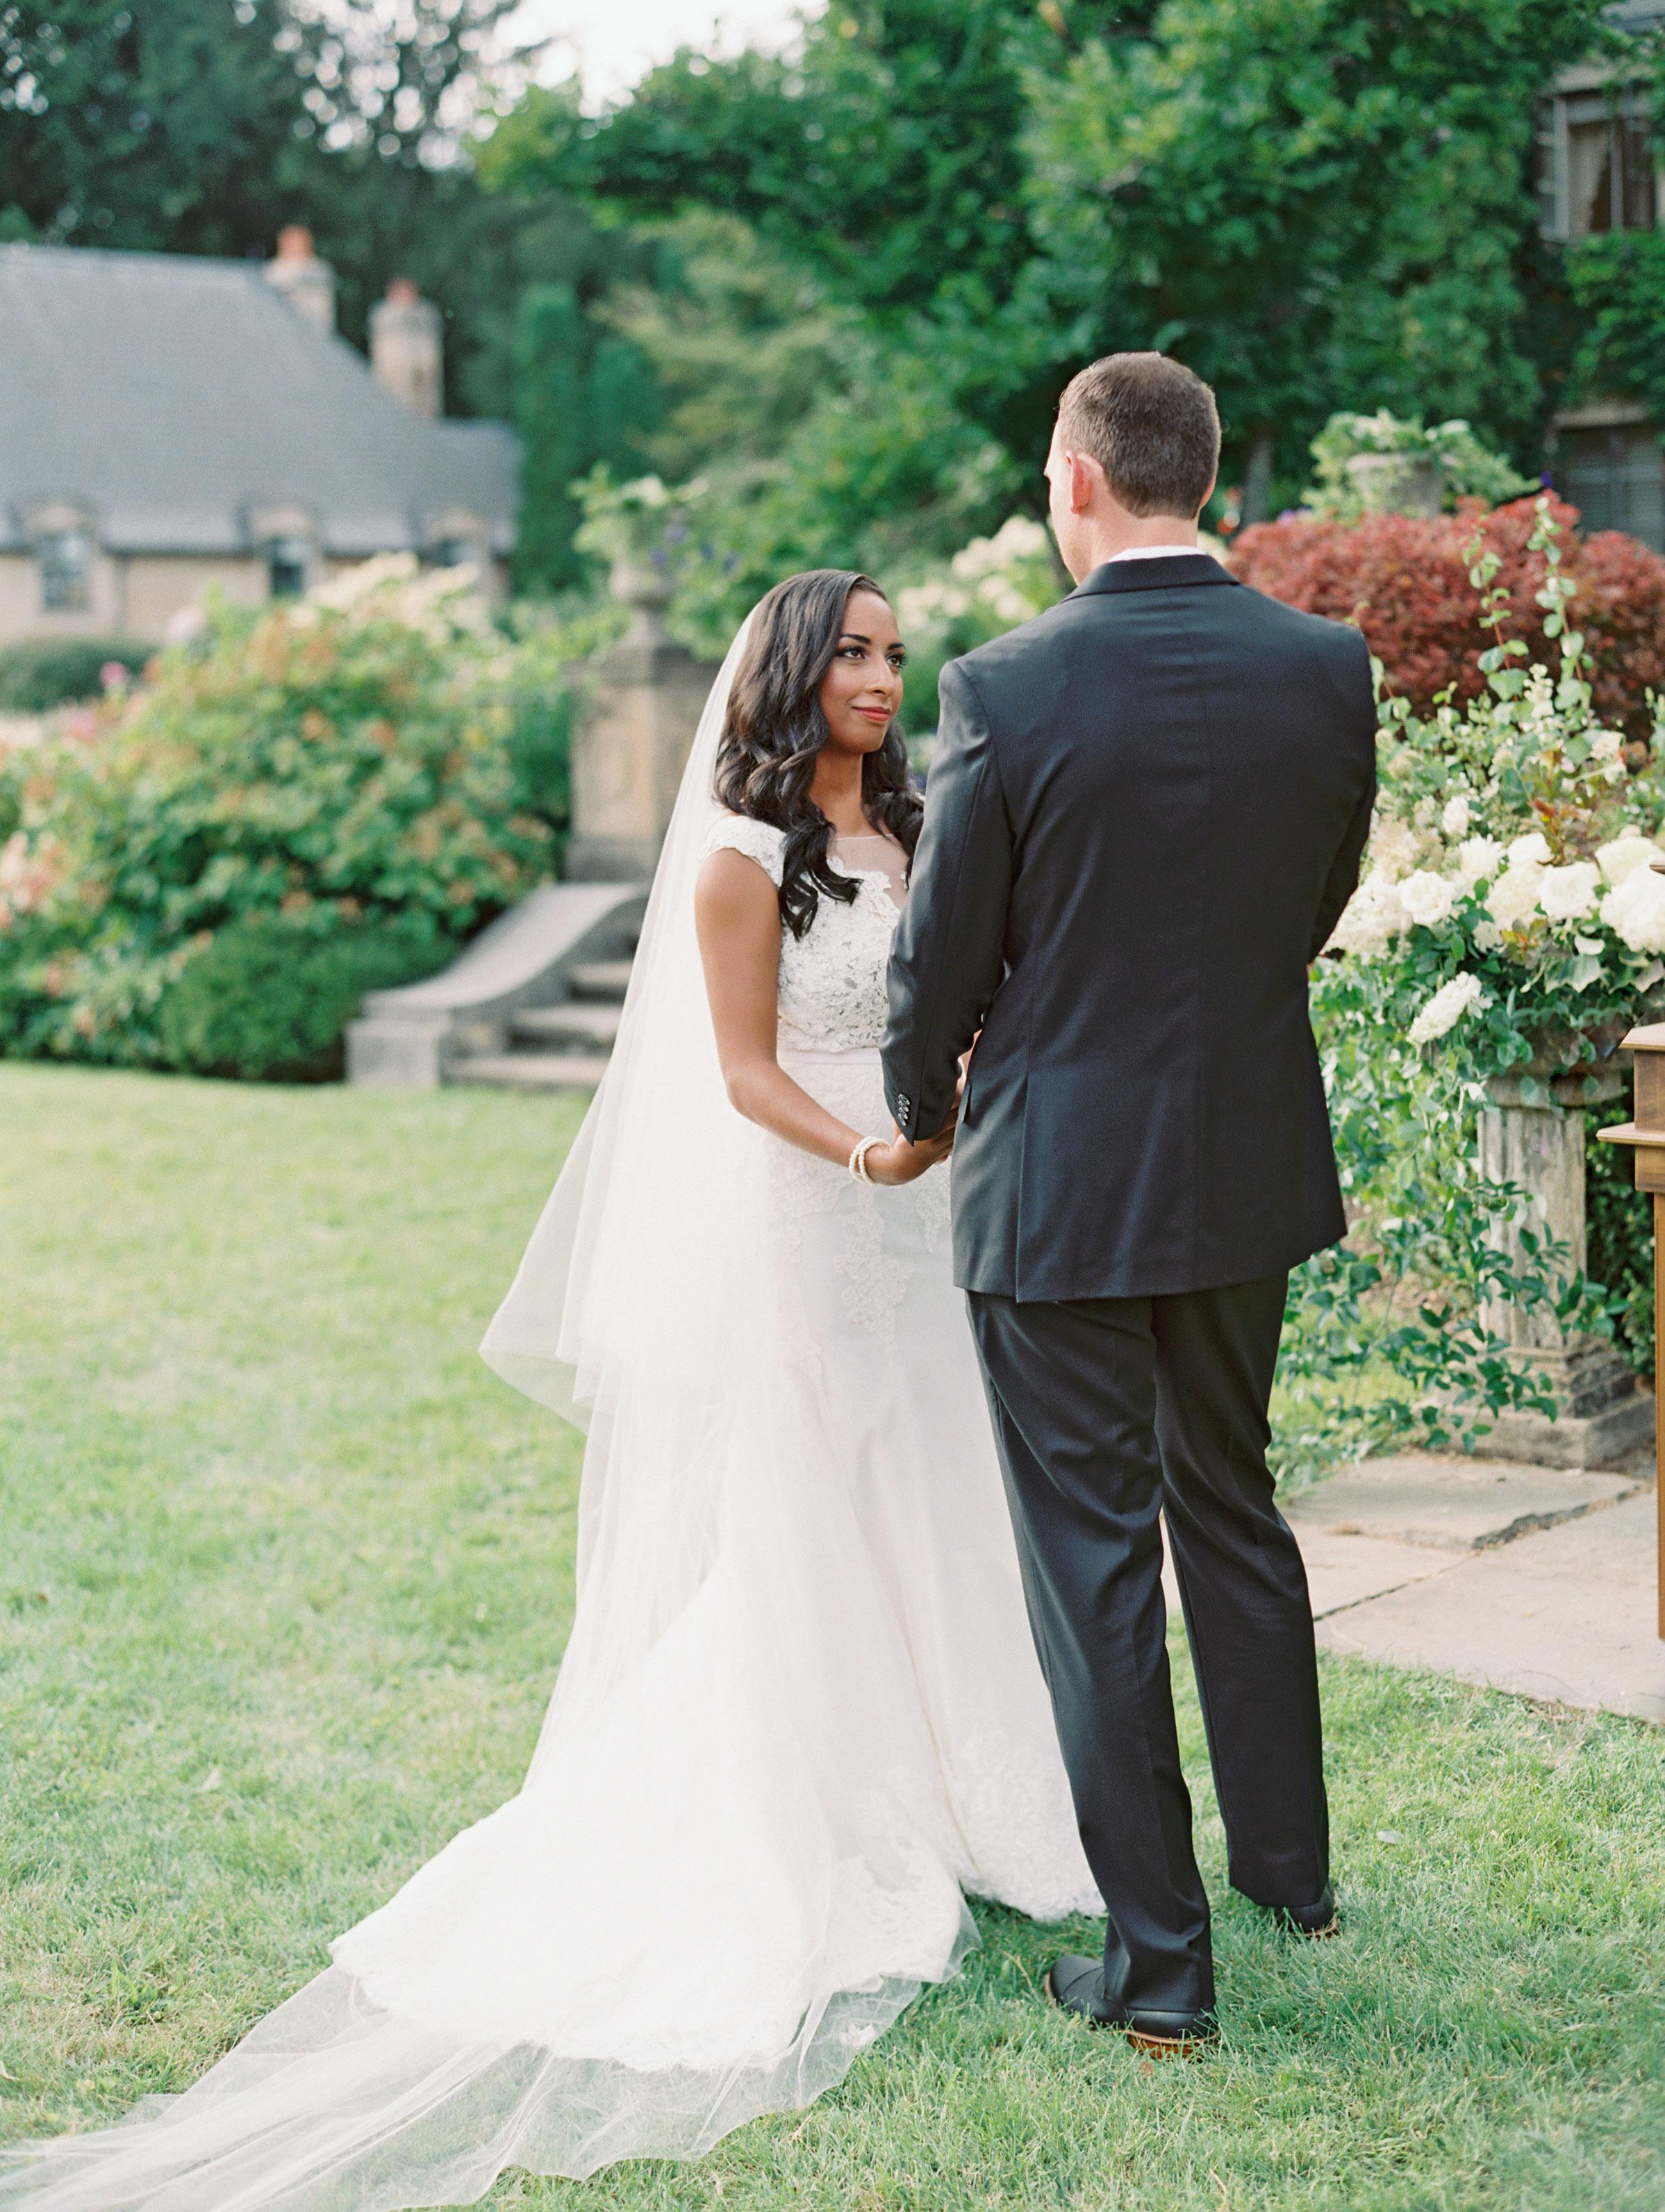 miya matthew wedding ceremony couple